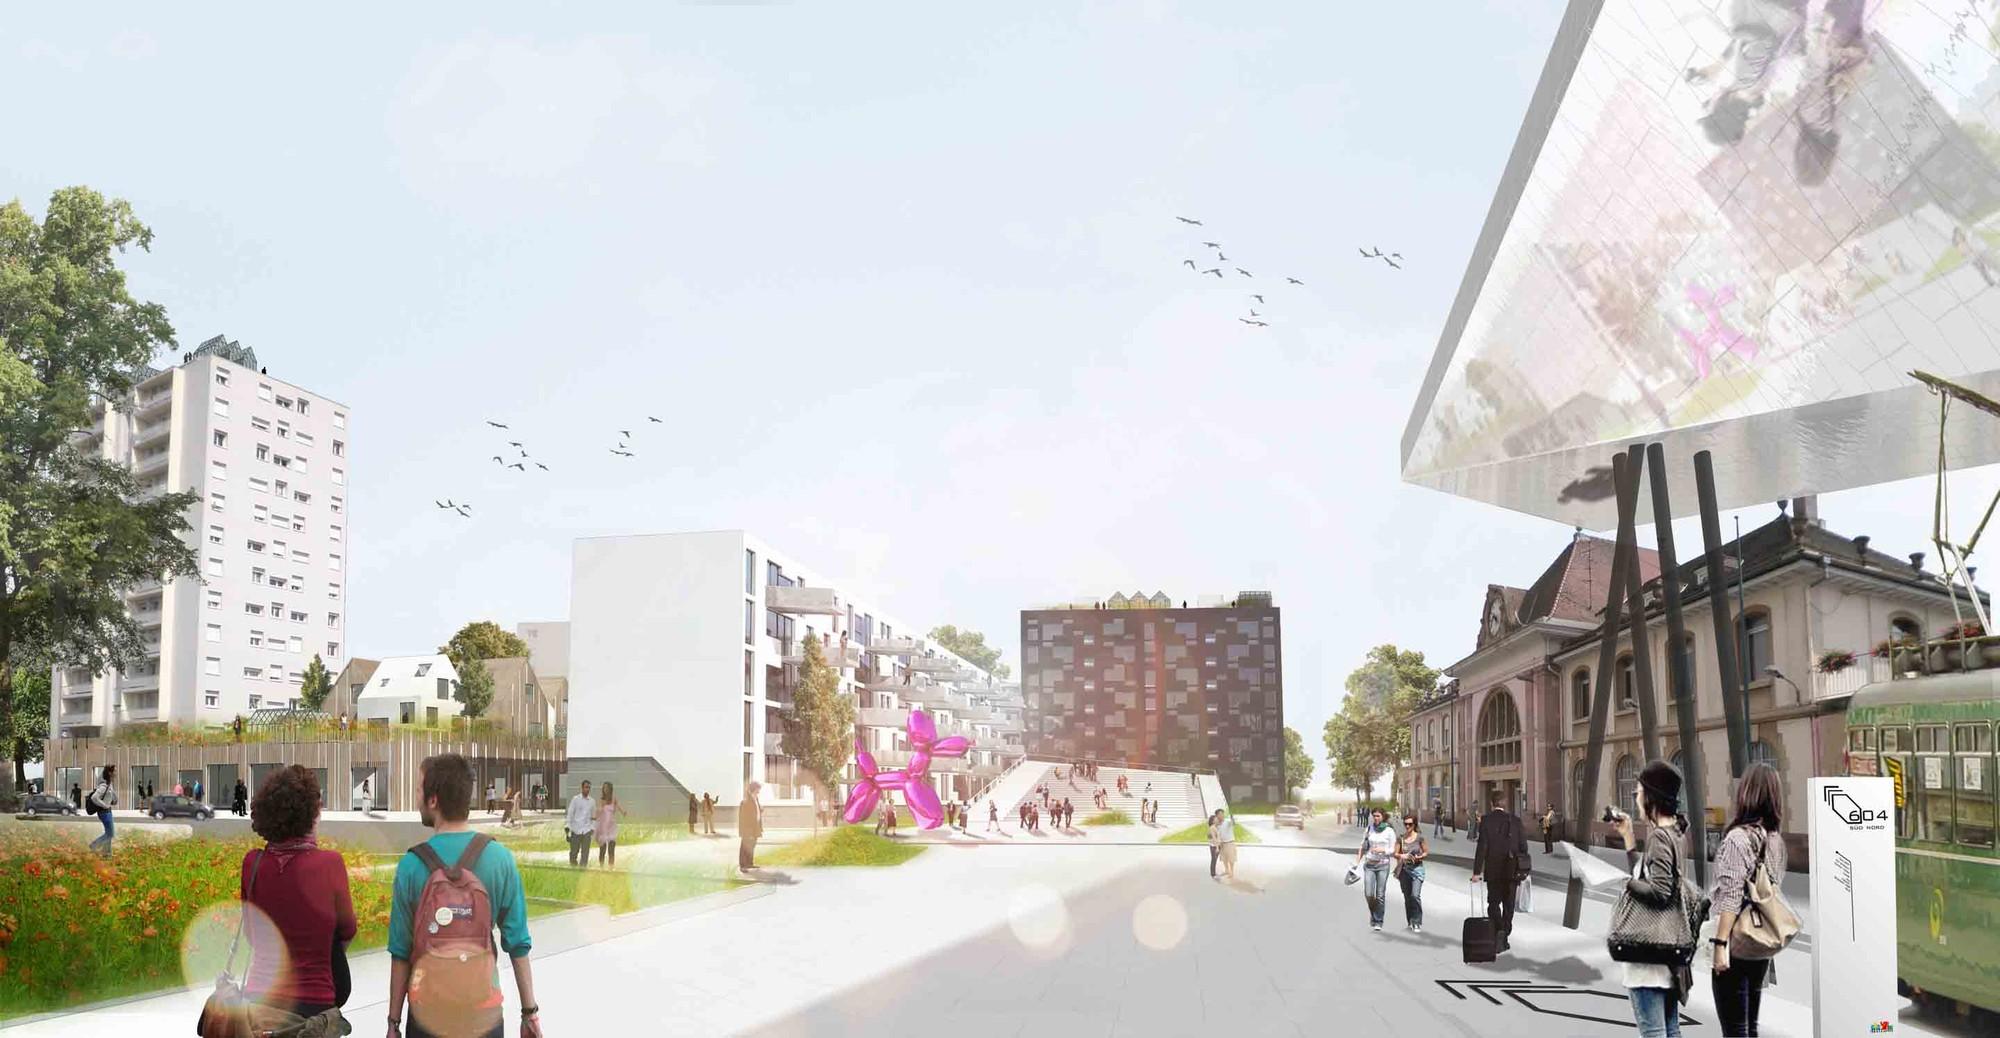 Das Band meiner Stadt (The Band of My City) Winning Proposal / da architecture, © da architecture